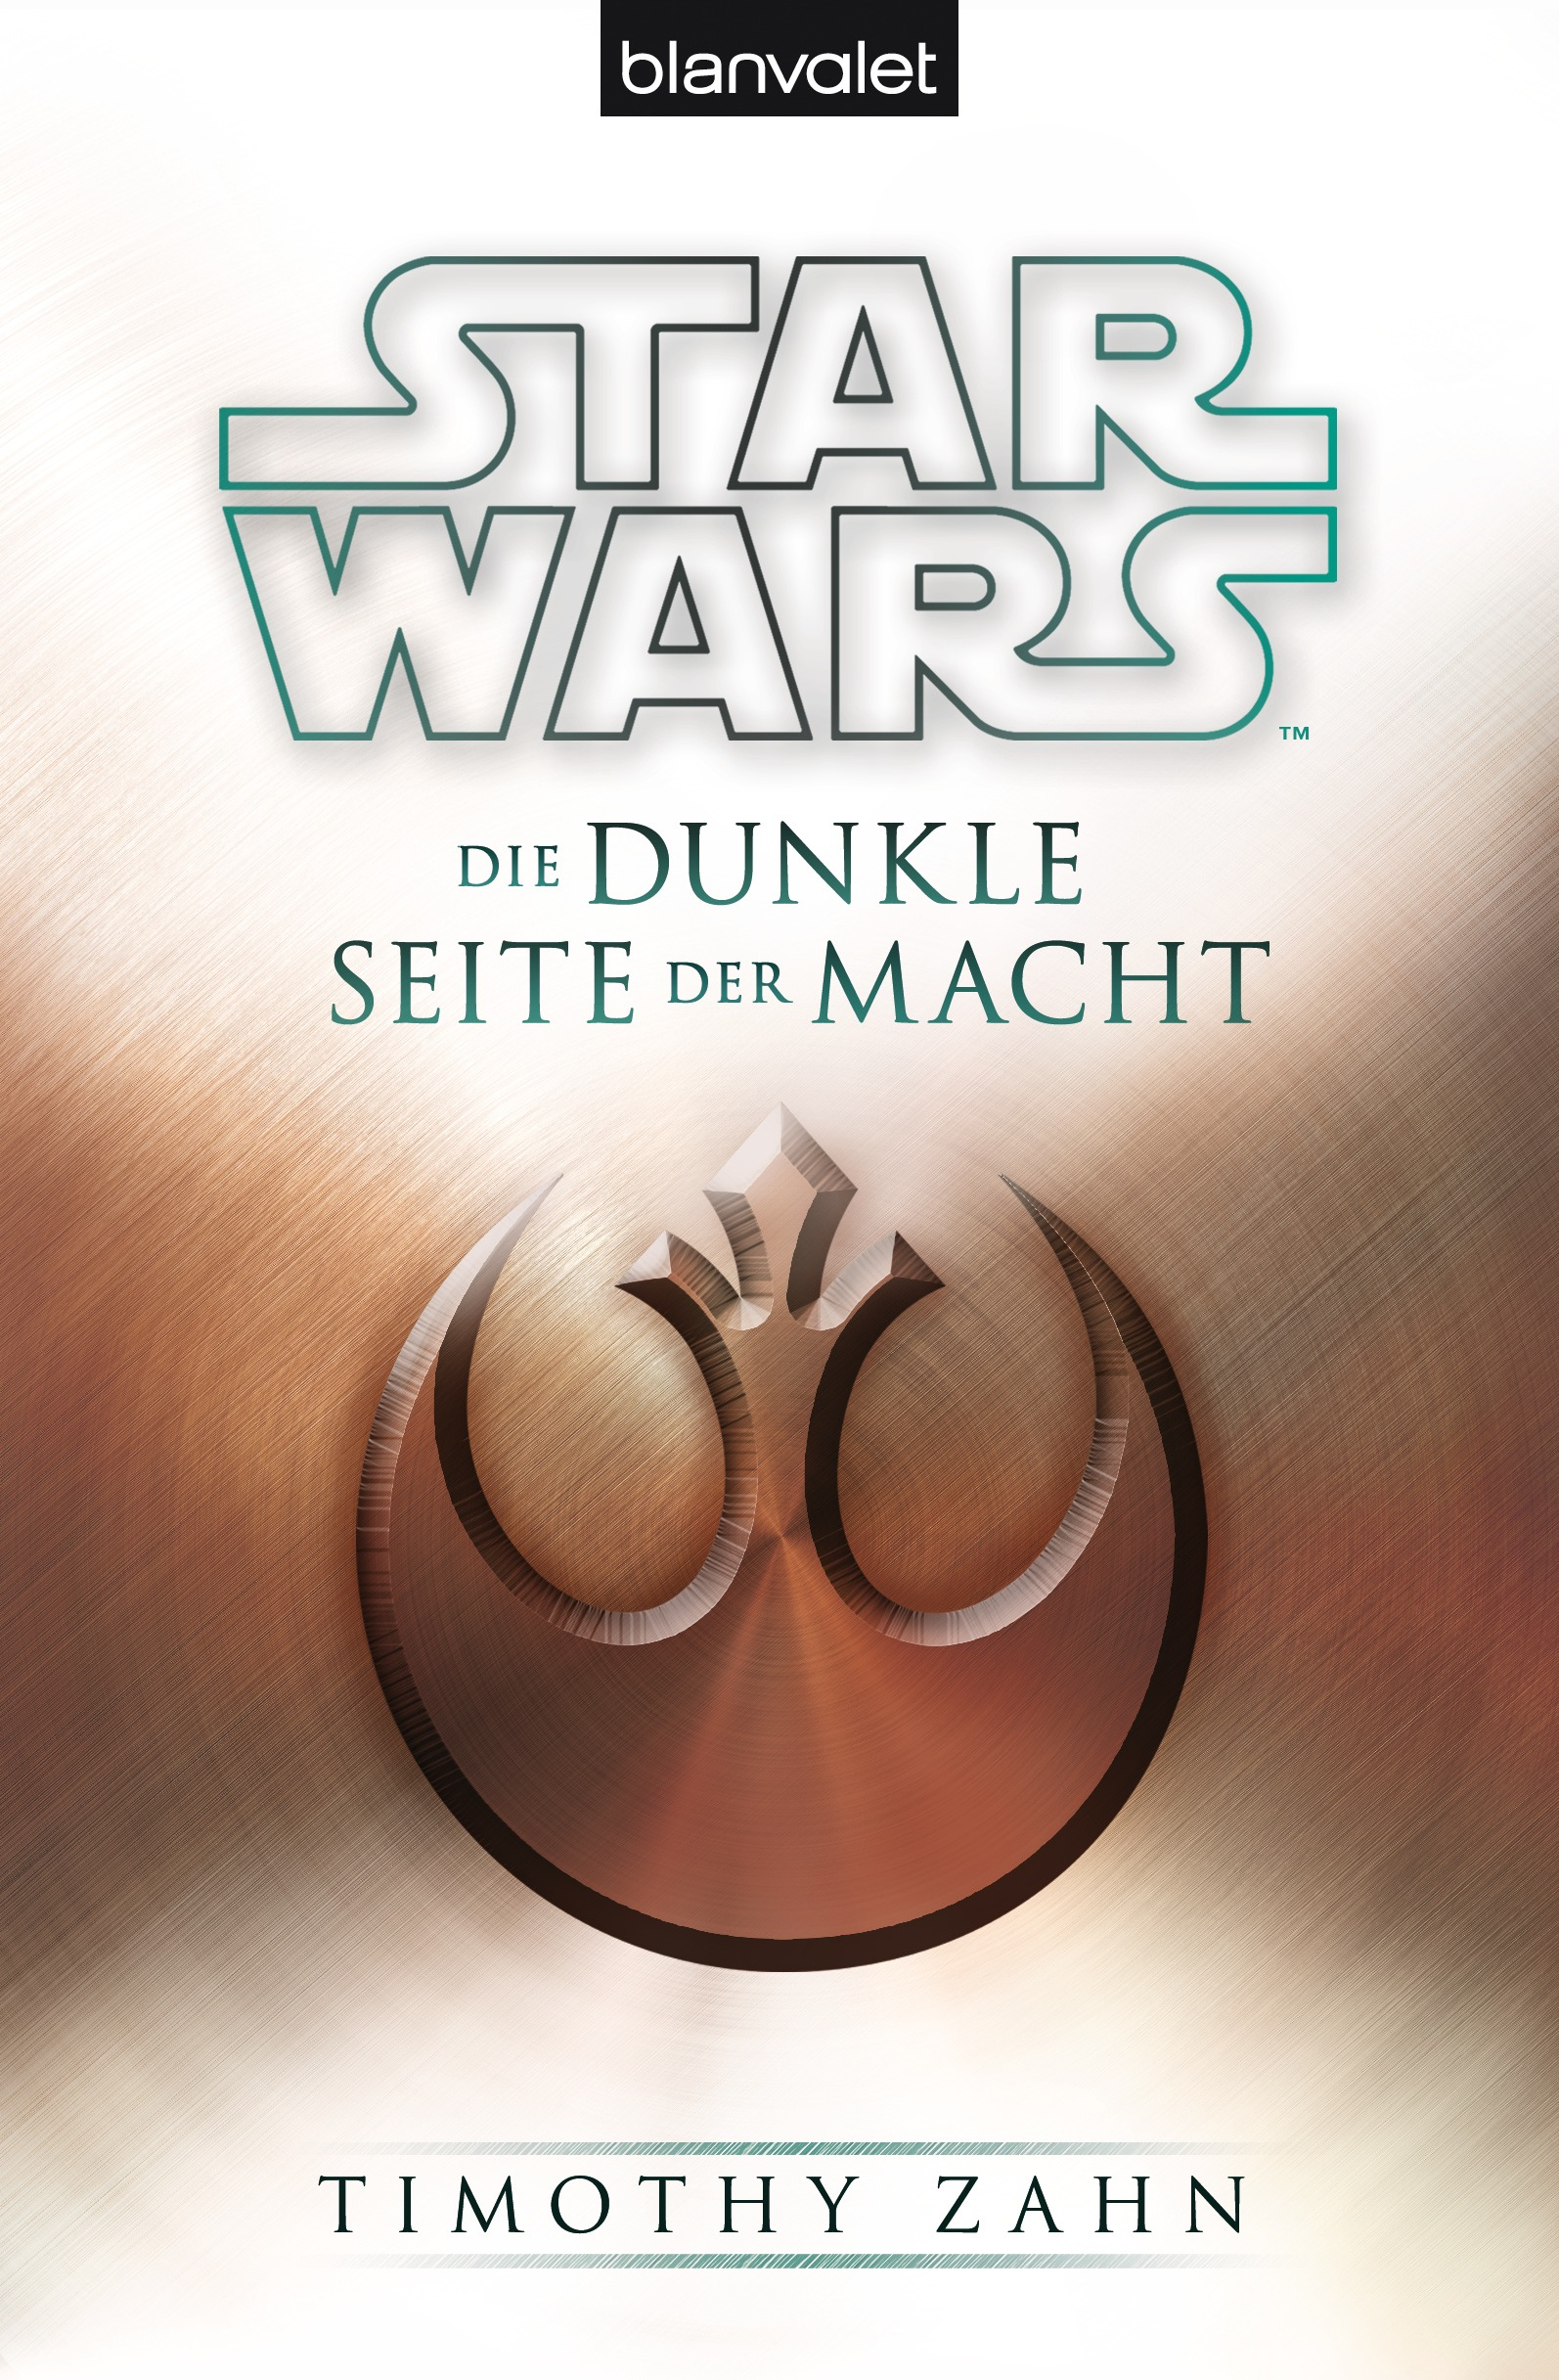 Star Wars: Die dunkle Seite der Macht - Timothy Zahn [Taschenbuch]